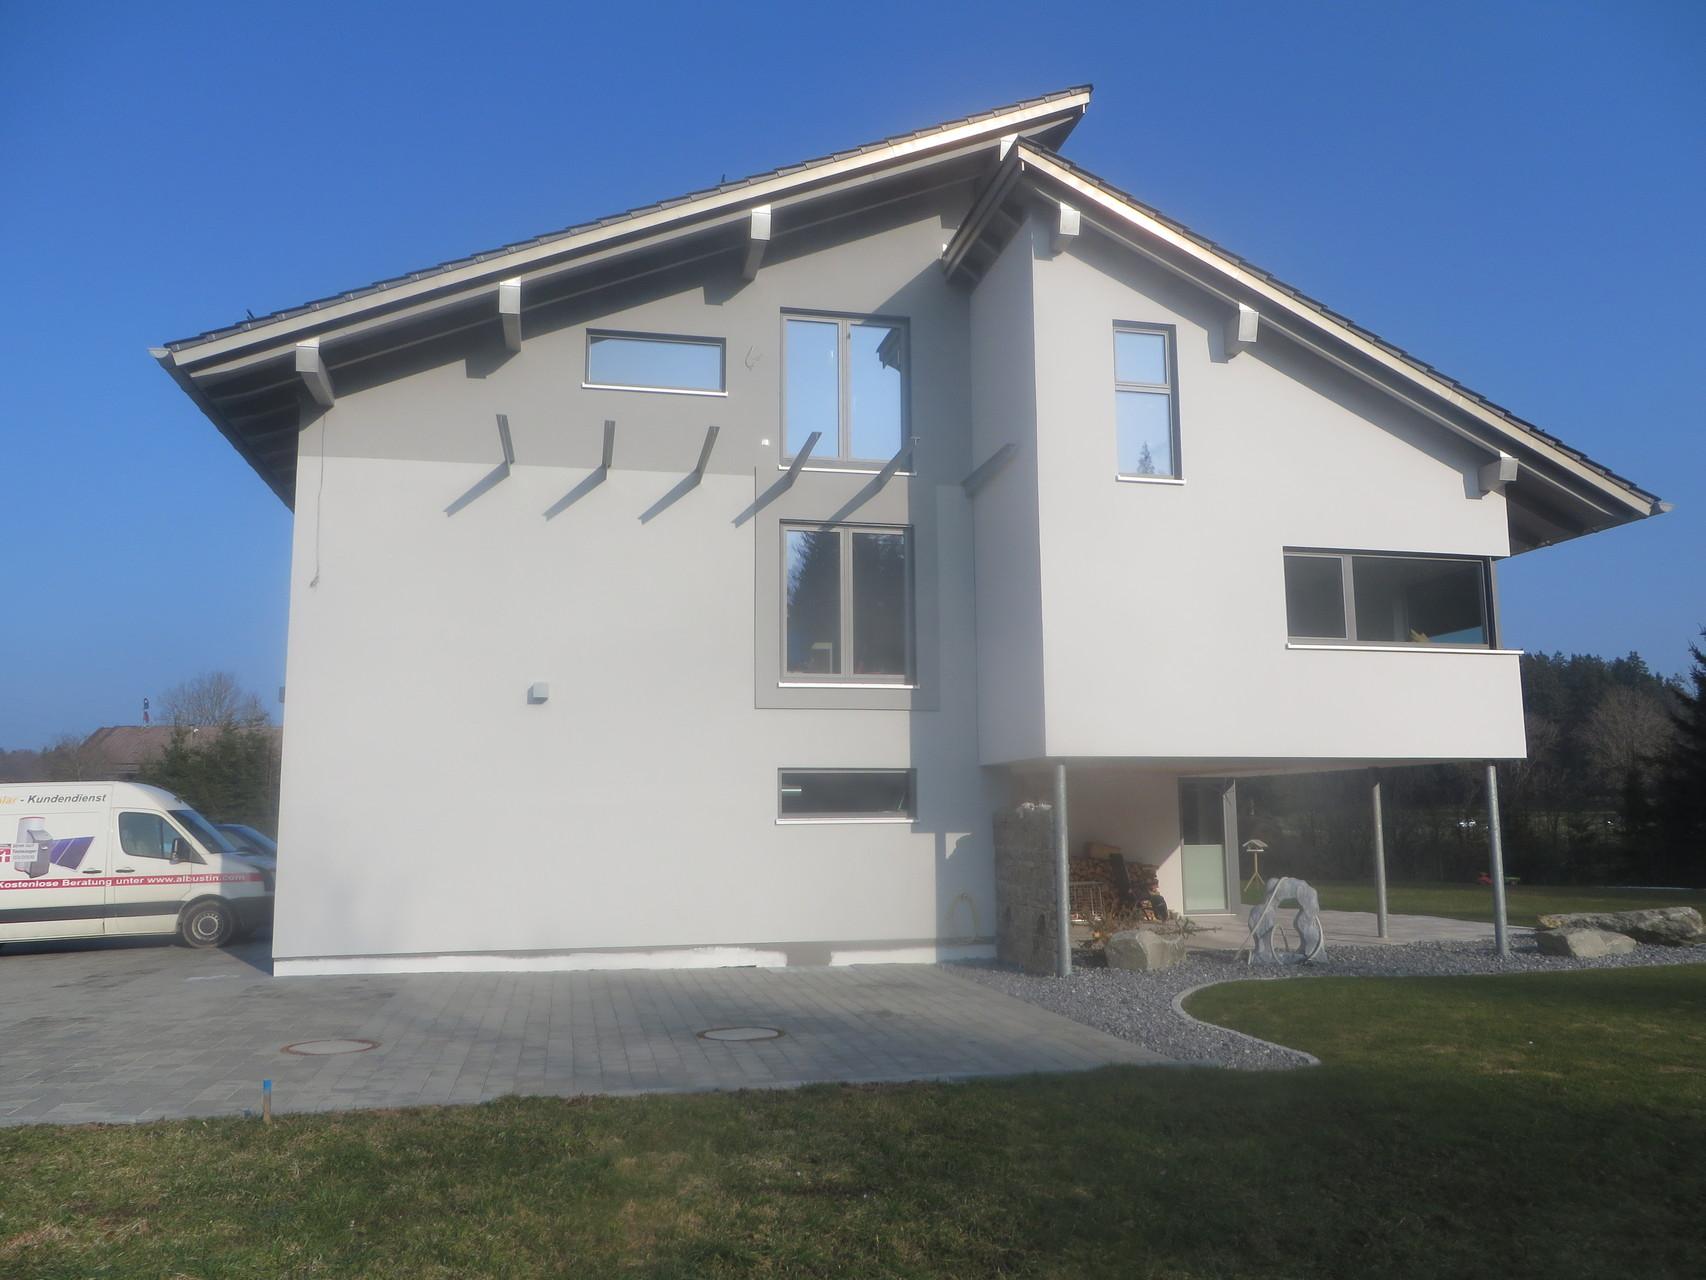 Wohn- und Gewerbebau | Waakirchen-Krottenthal